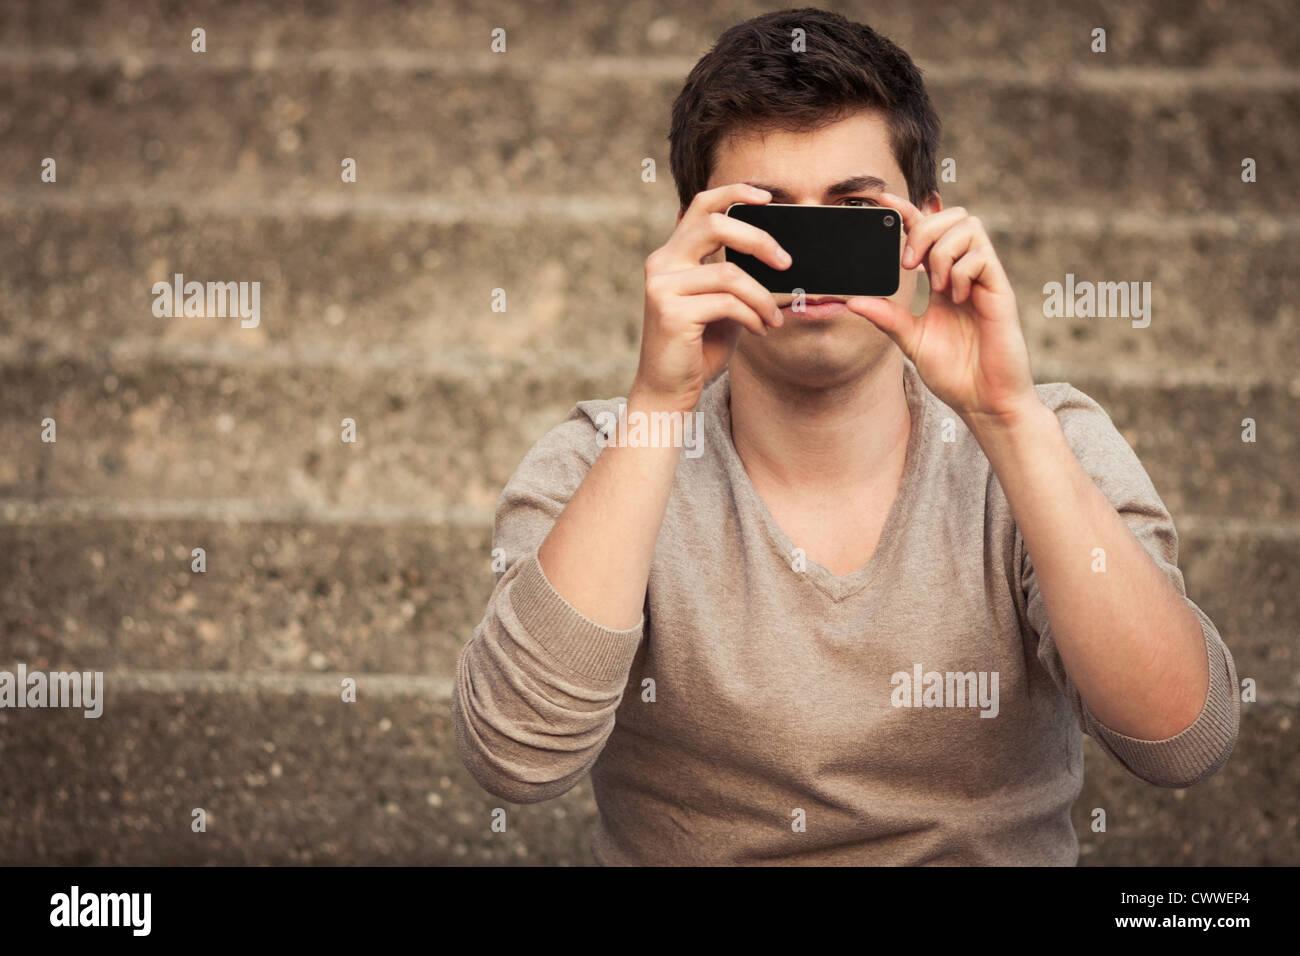 Hombre tomar la fotografía con teléfono móvil Imagen De Stock